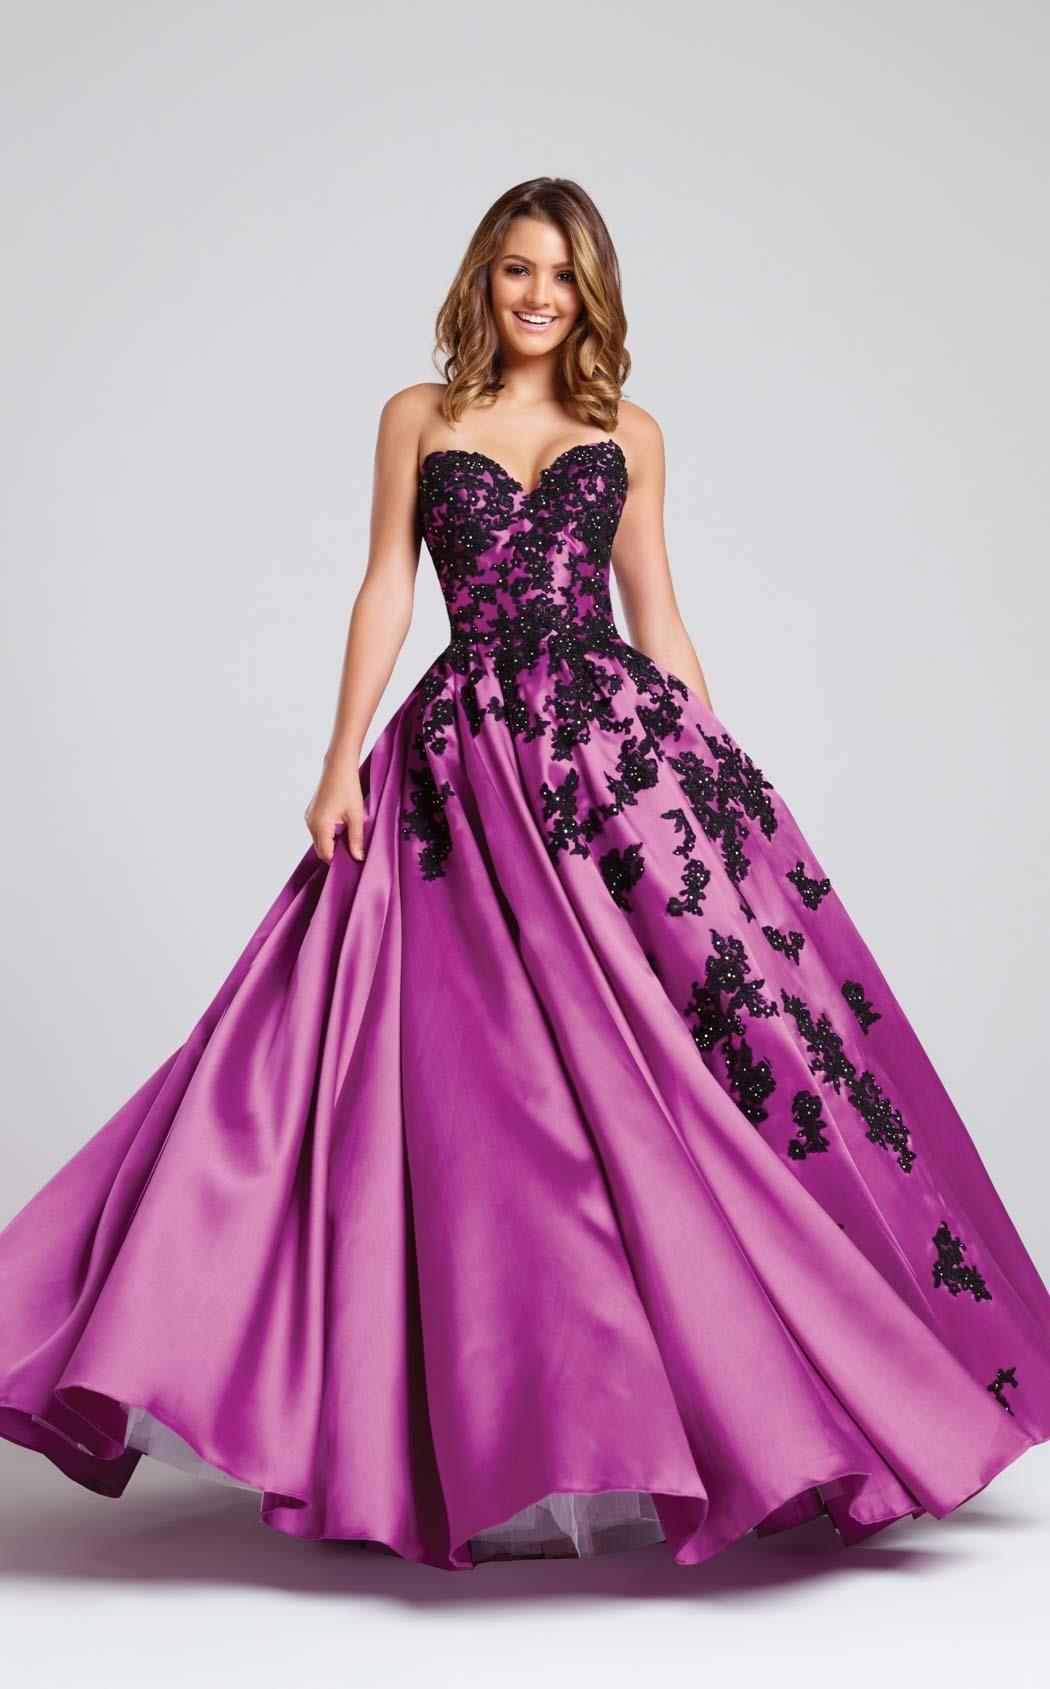 Lujo Vestidos De Fiesta Jc Motivo - Colección de Vestidos de Boda ...